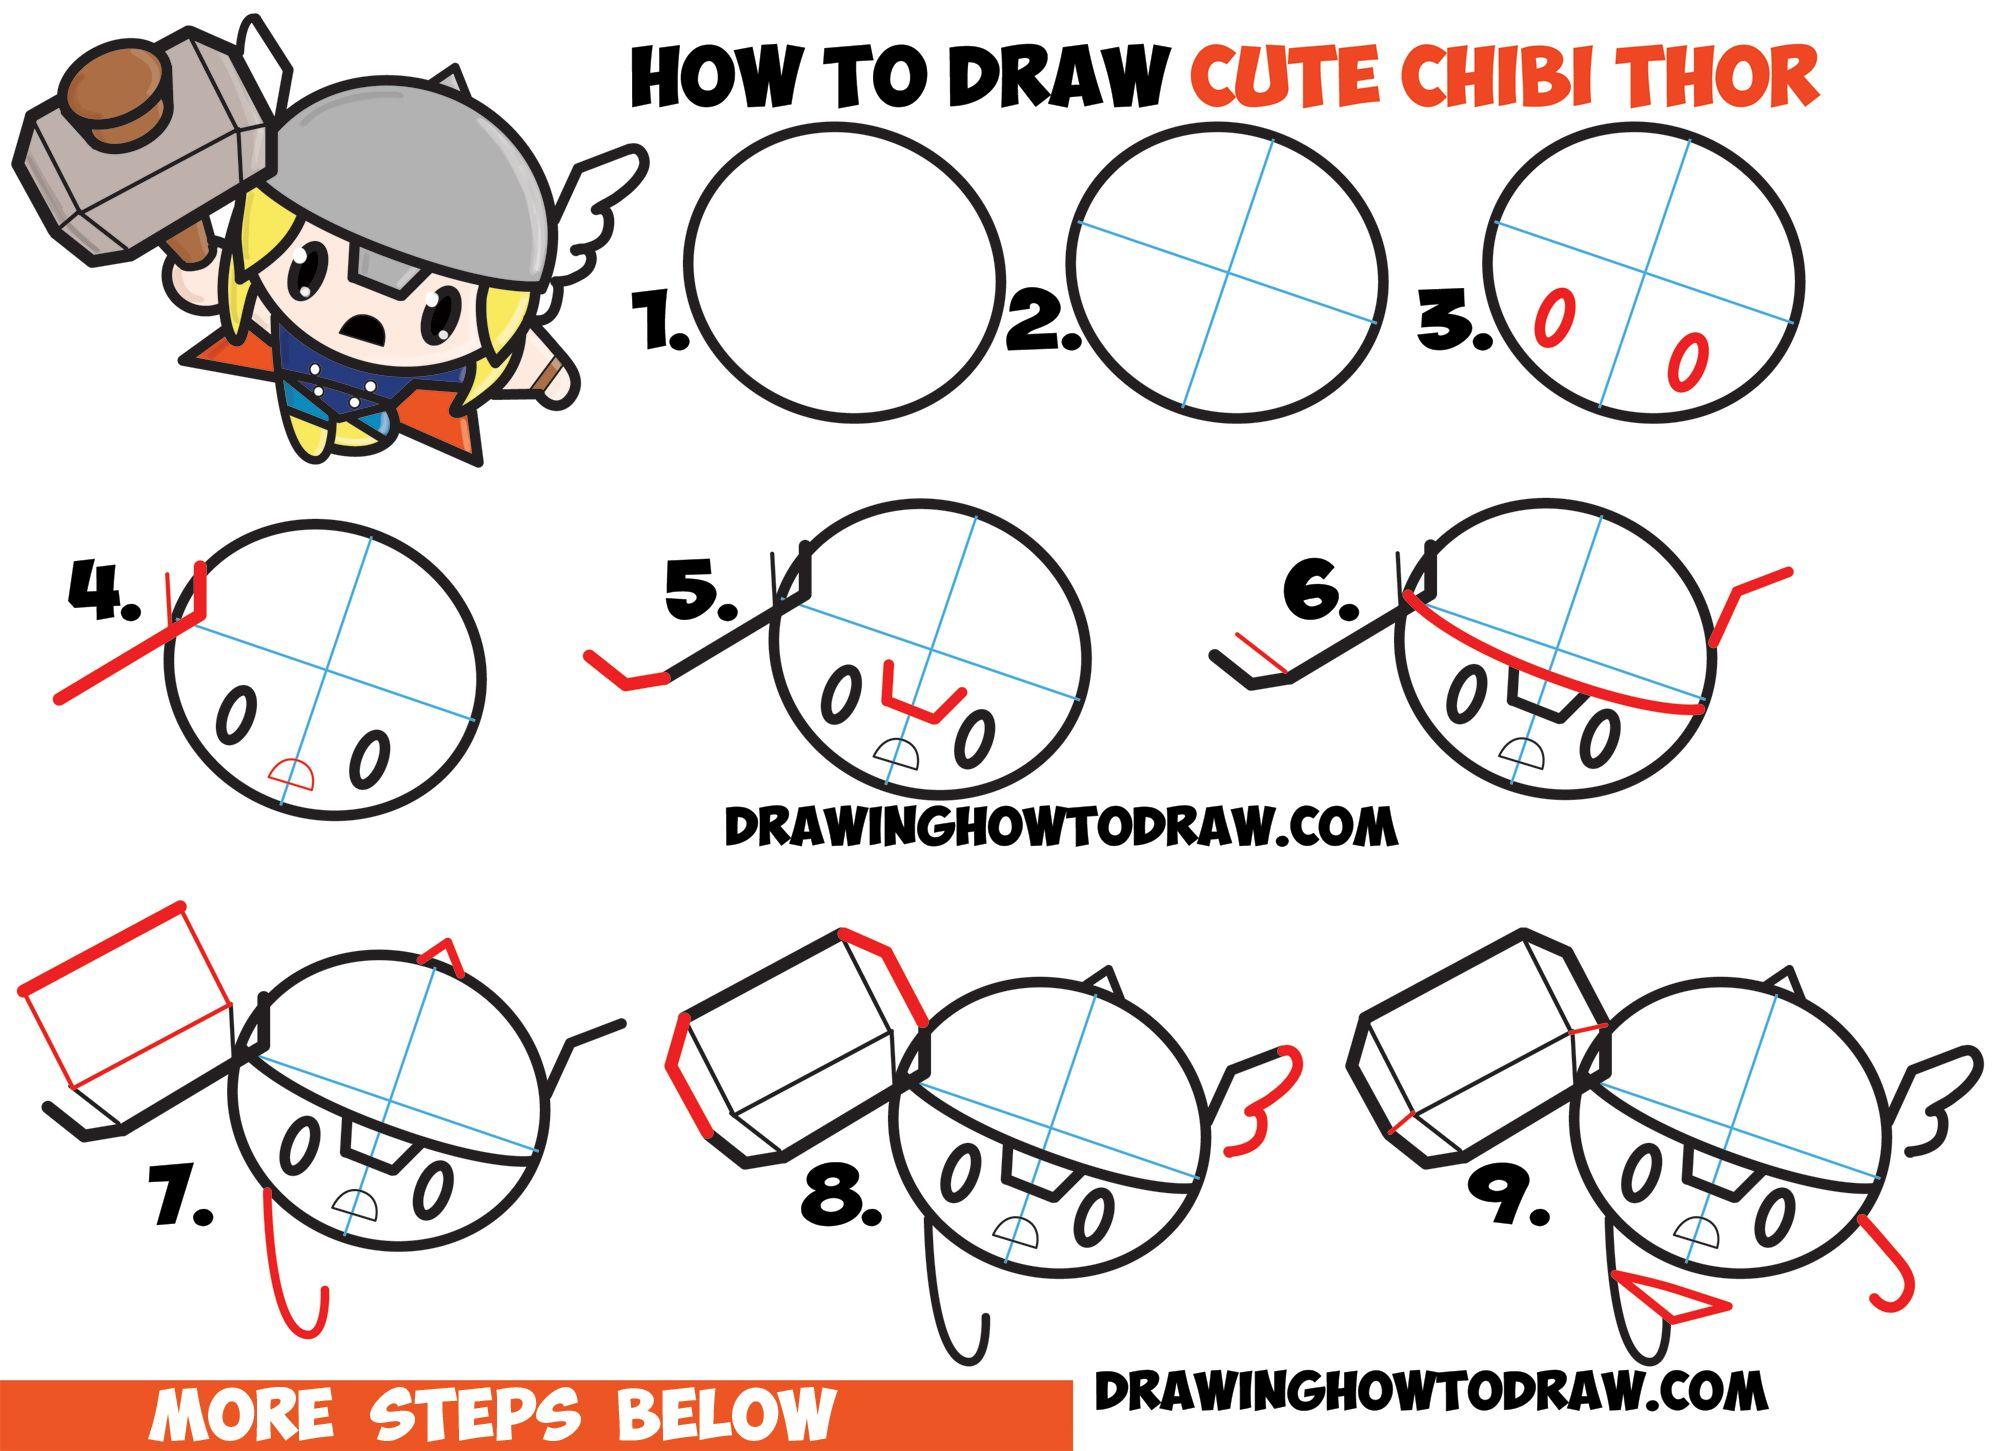 Ziemlich Thor Malvorlagen Einfach Ideen: How To Draw Cute Chibi Kawaii Thor From Marvel Comics In